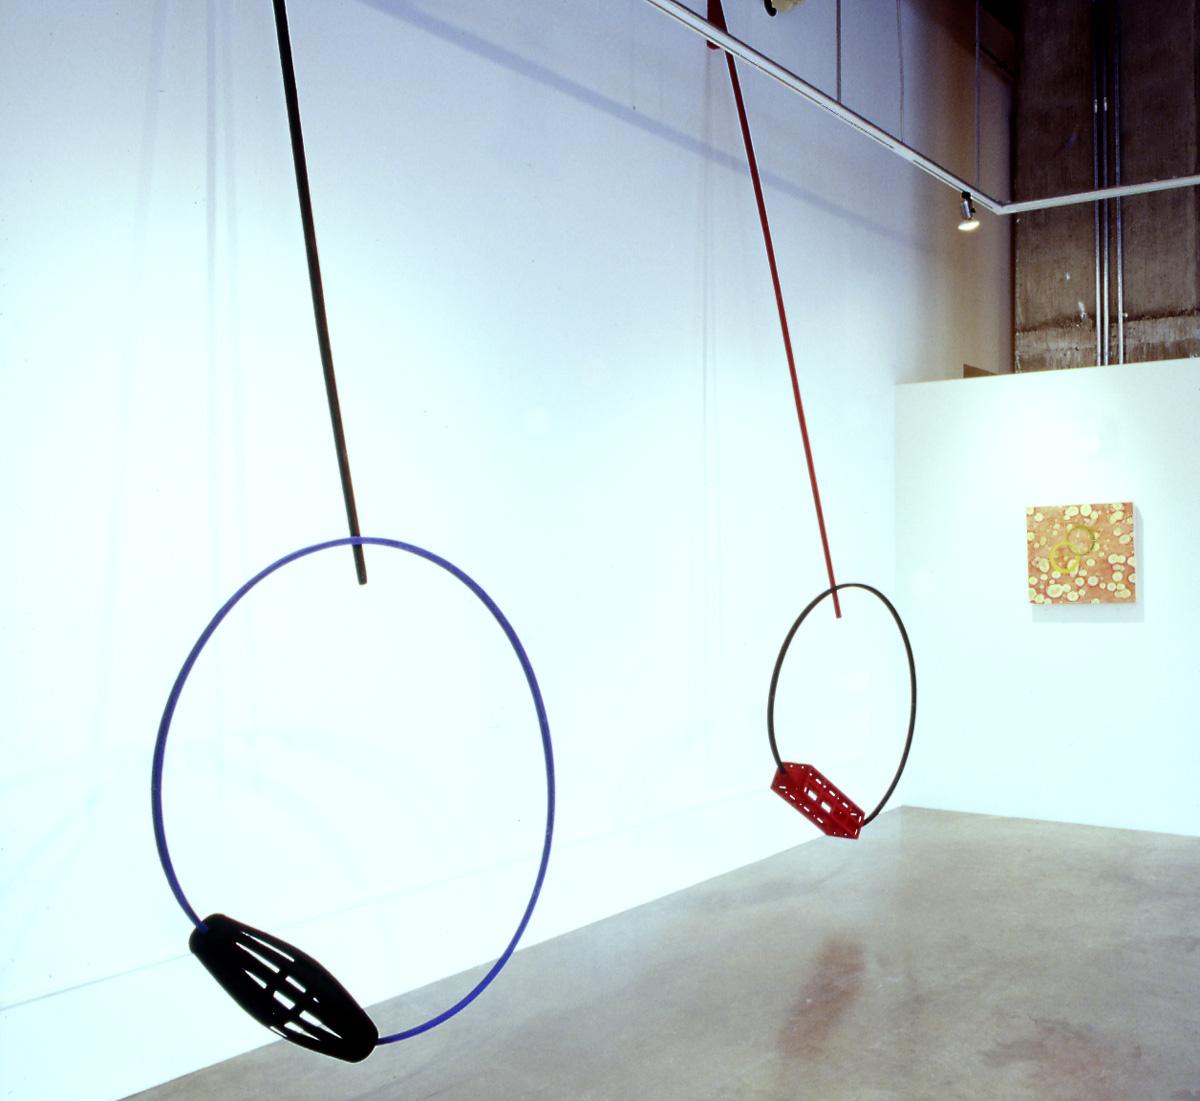 sculpture-portals-installation-tom-gormally-artist.jpg